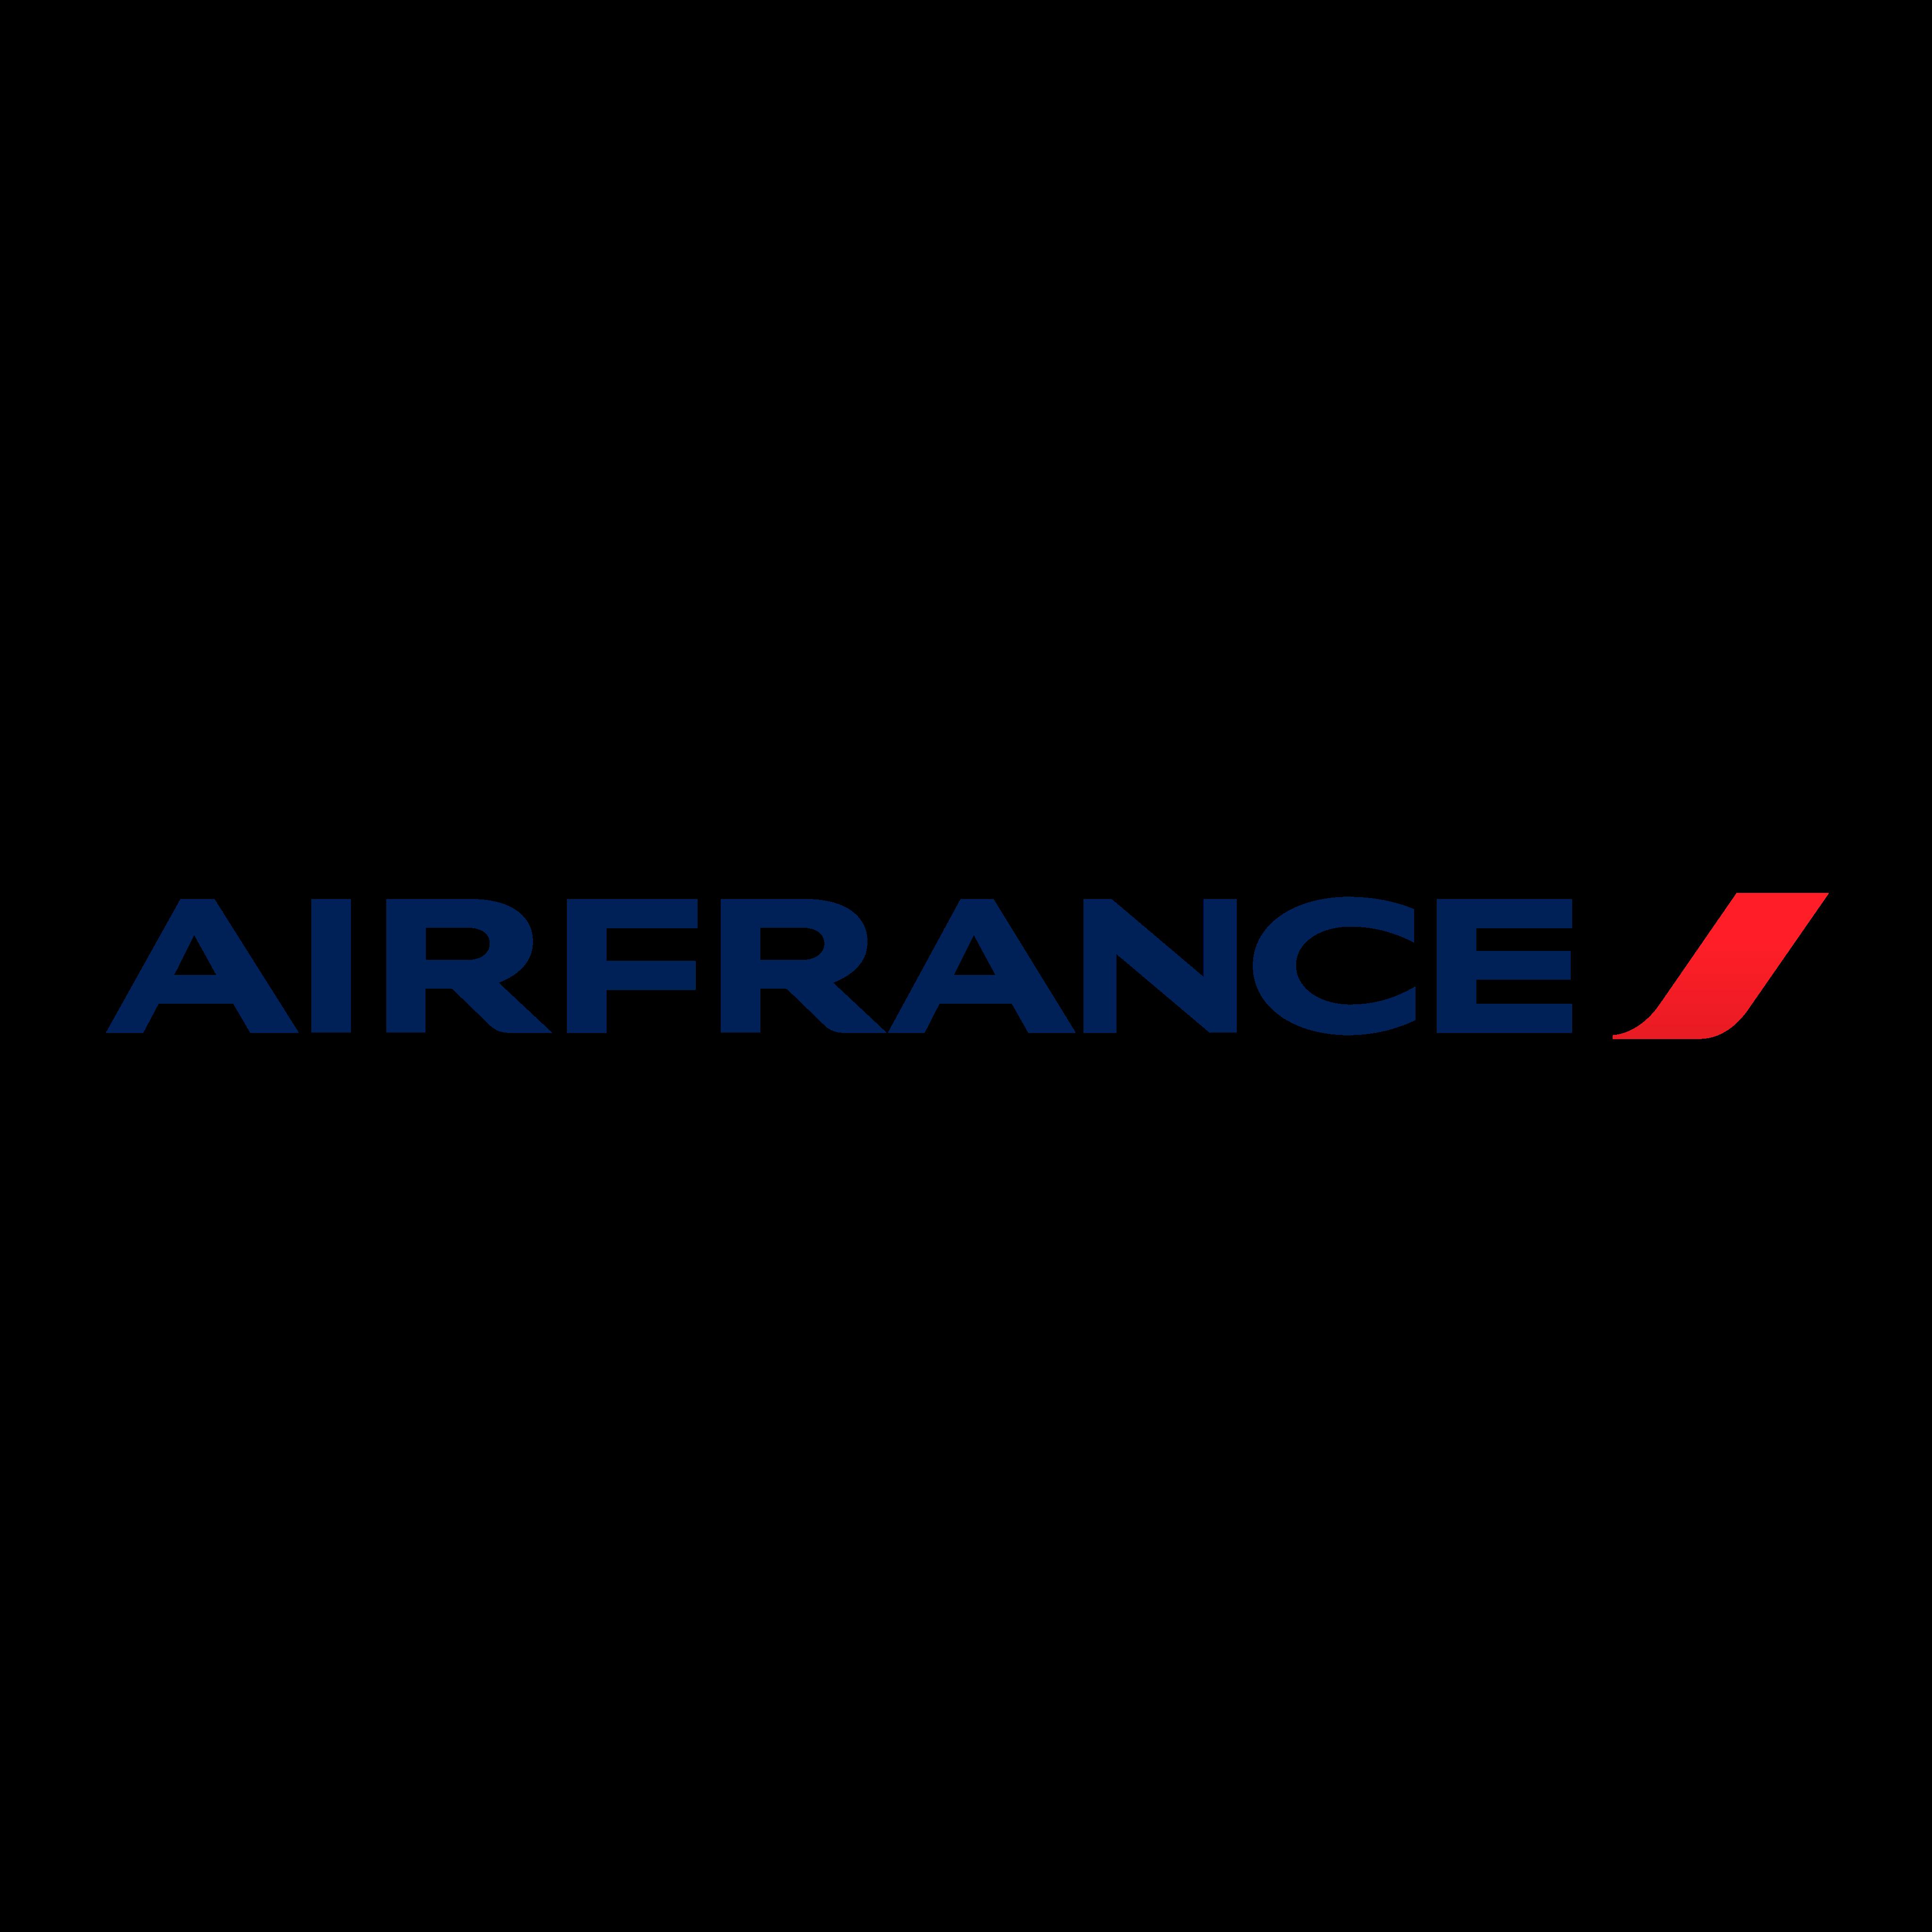 air-france-logo-0